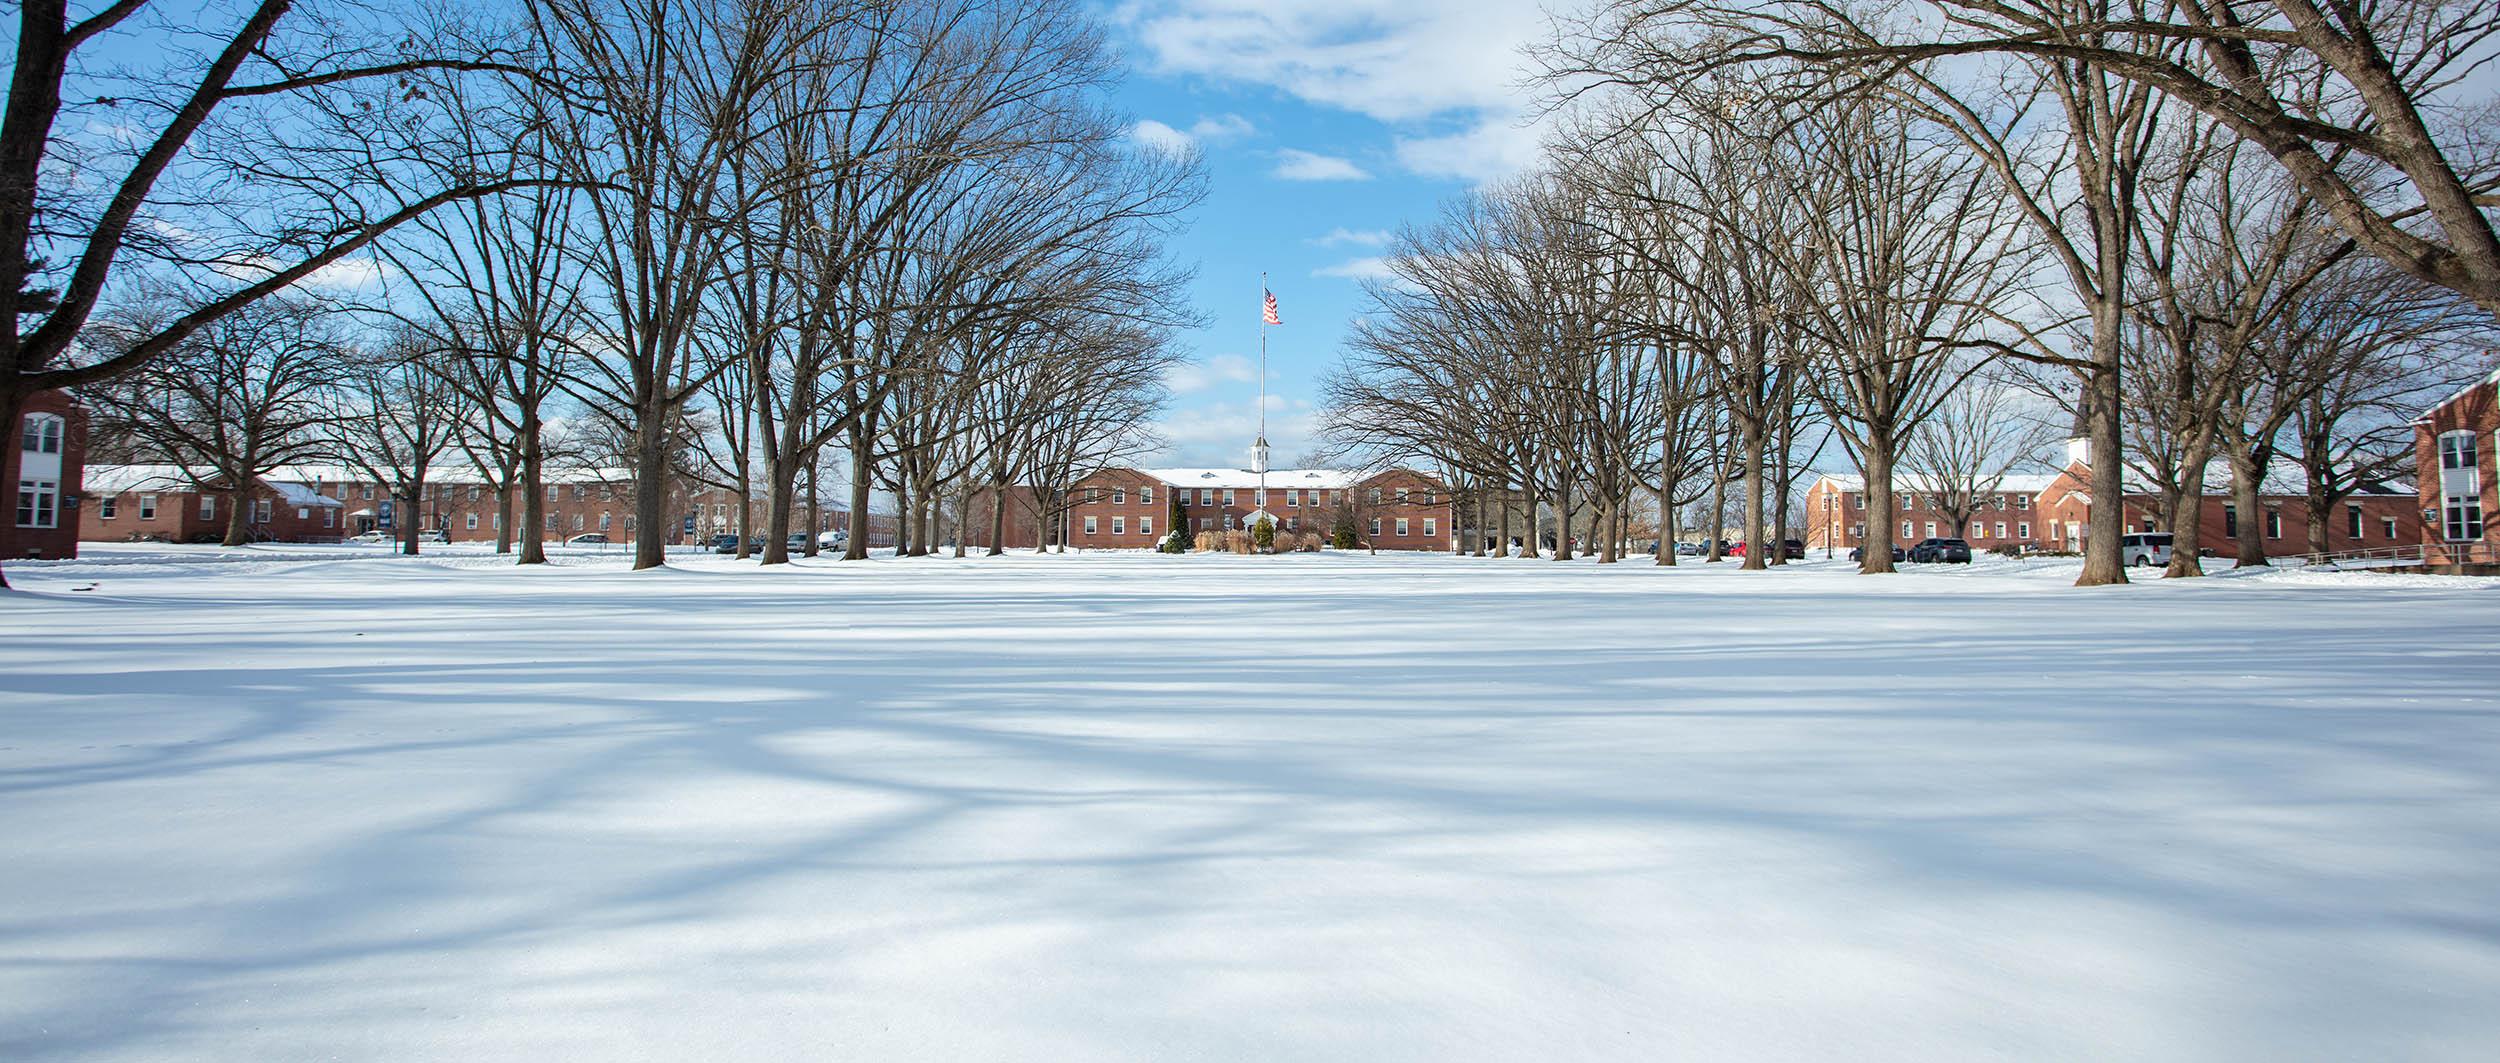 SnowHomepage